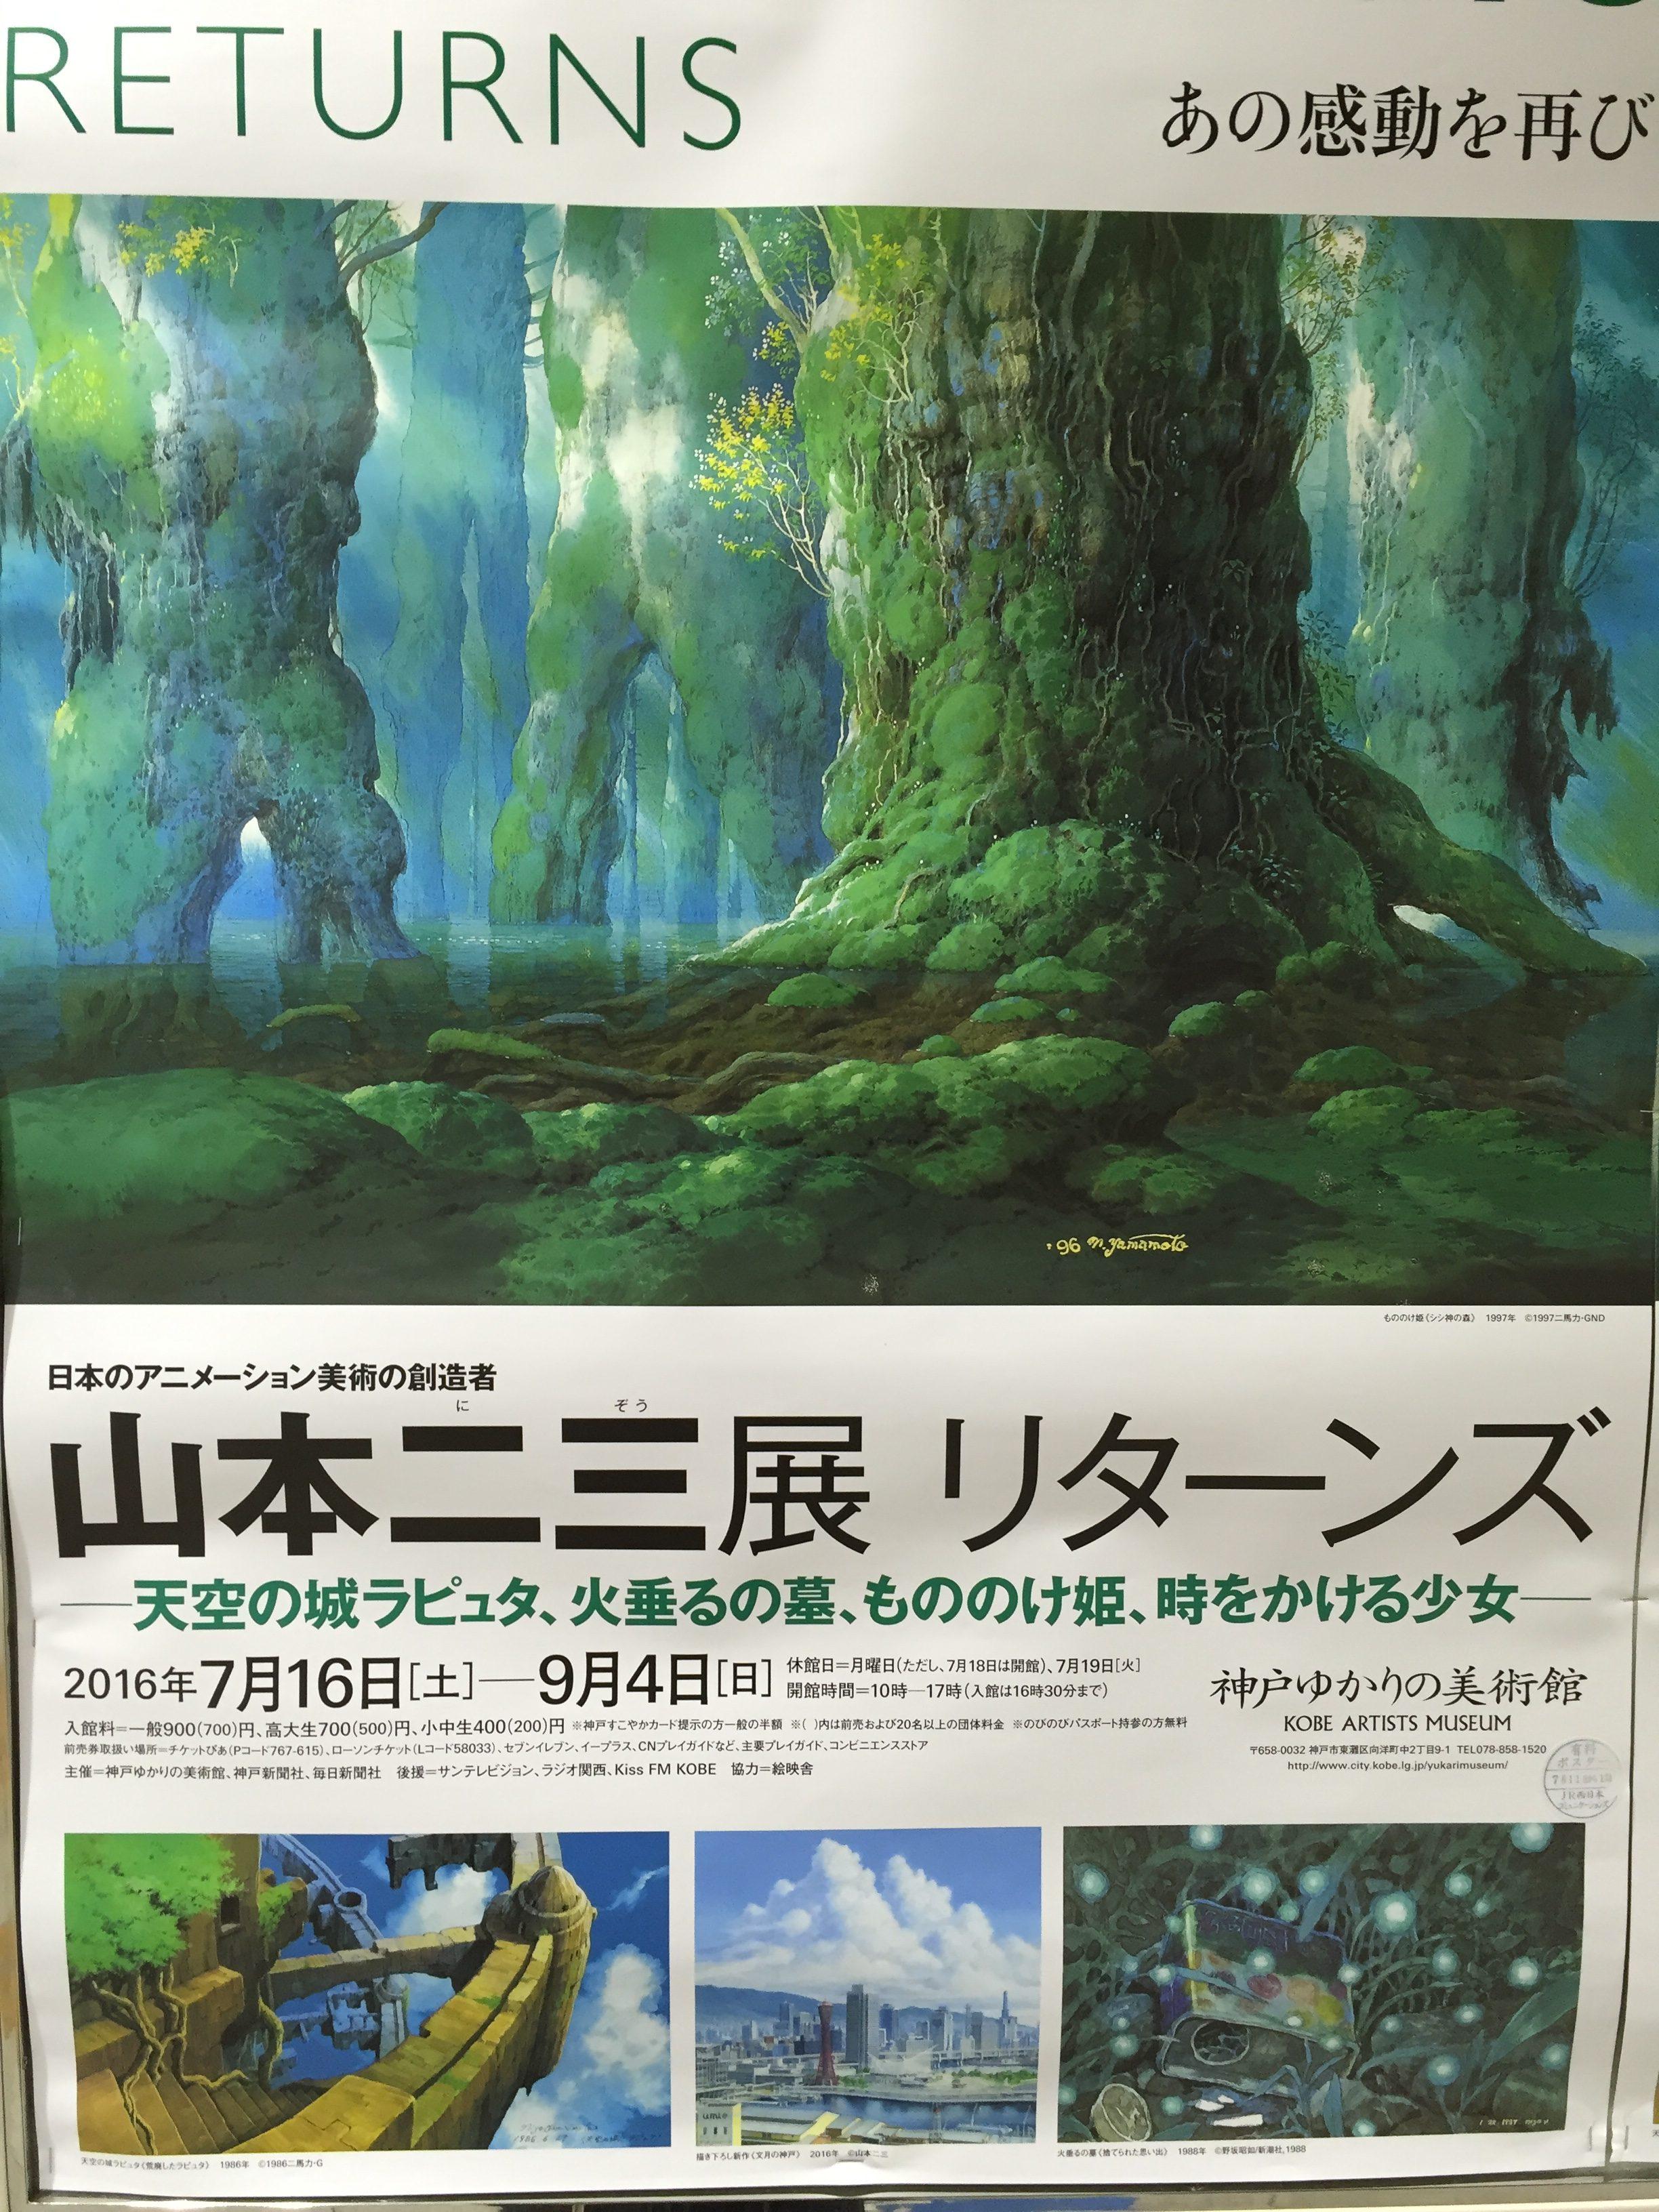 山本二三展 リターンズが神戸ゆかりの美術館で開催中!【※写真付レポ更新しました※】